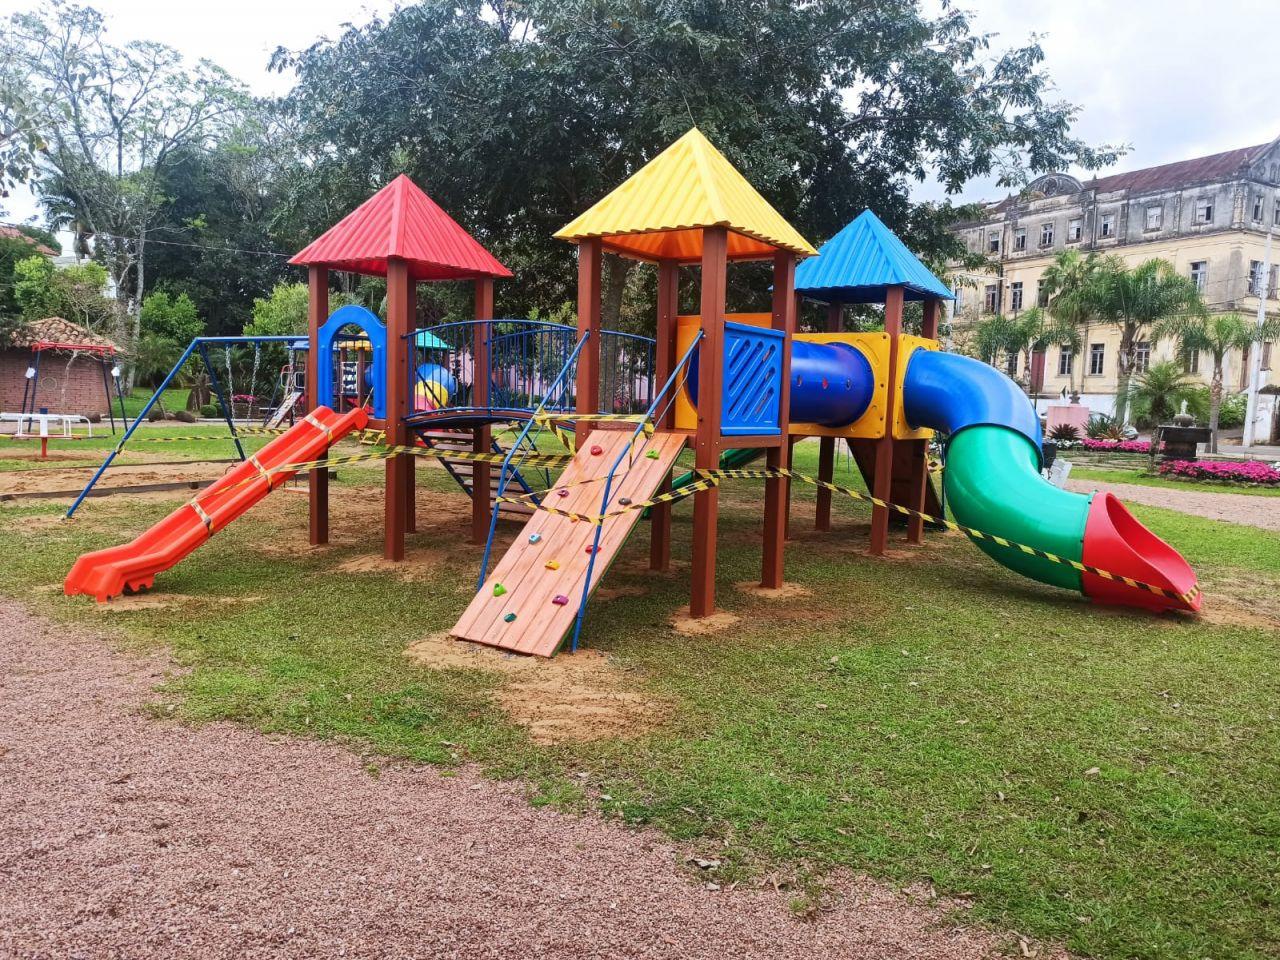 Novos playgrounds completam a renovação dos brinquedos na Praça Miguel Arraes.